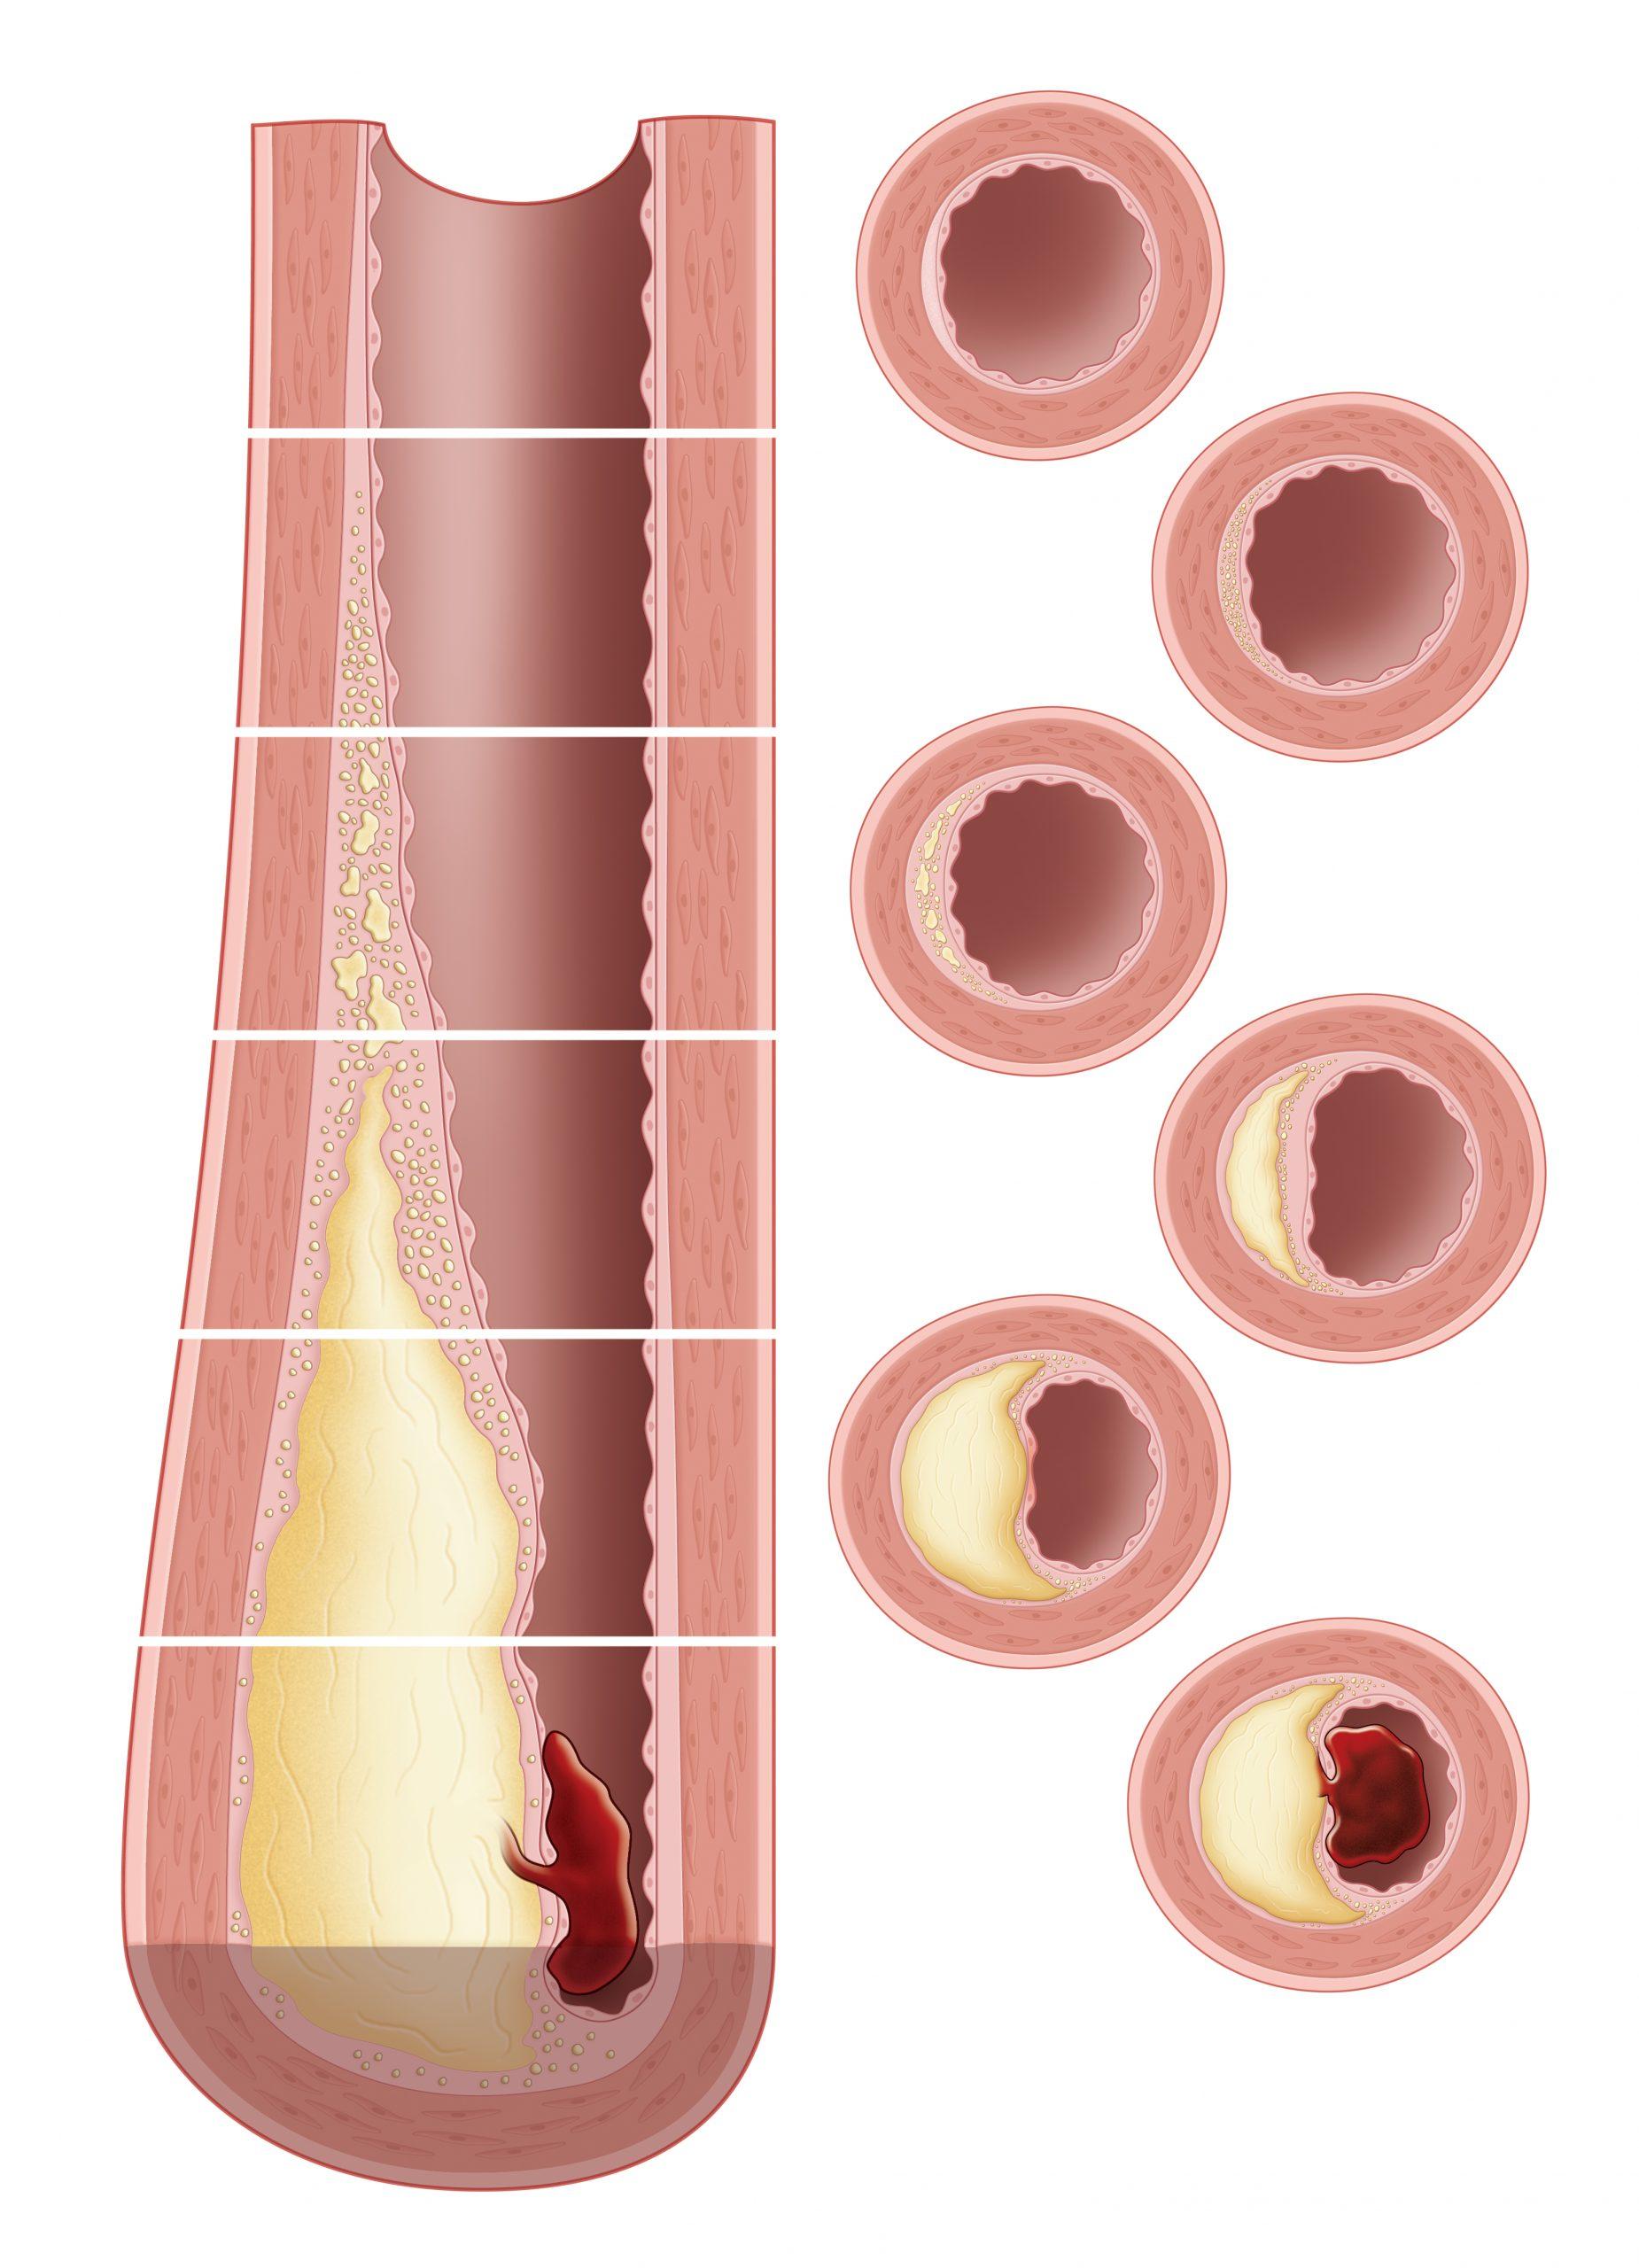 Progression of Atherosclerosis